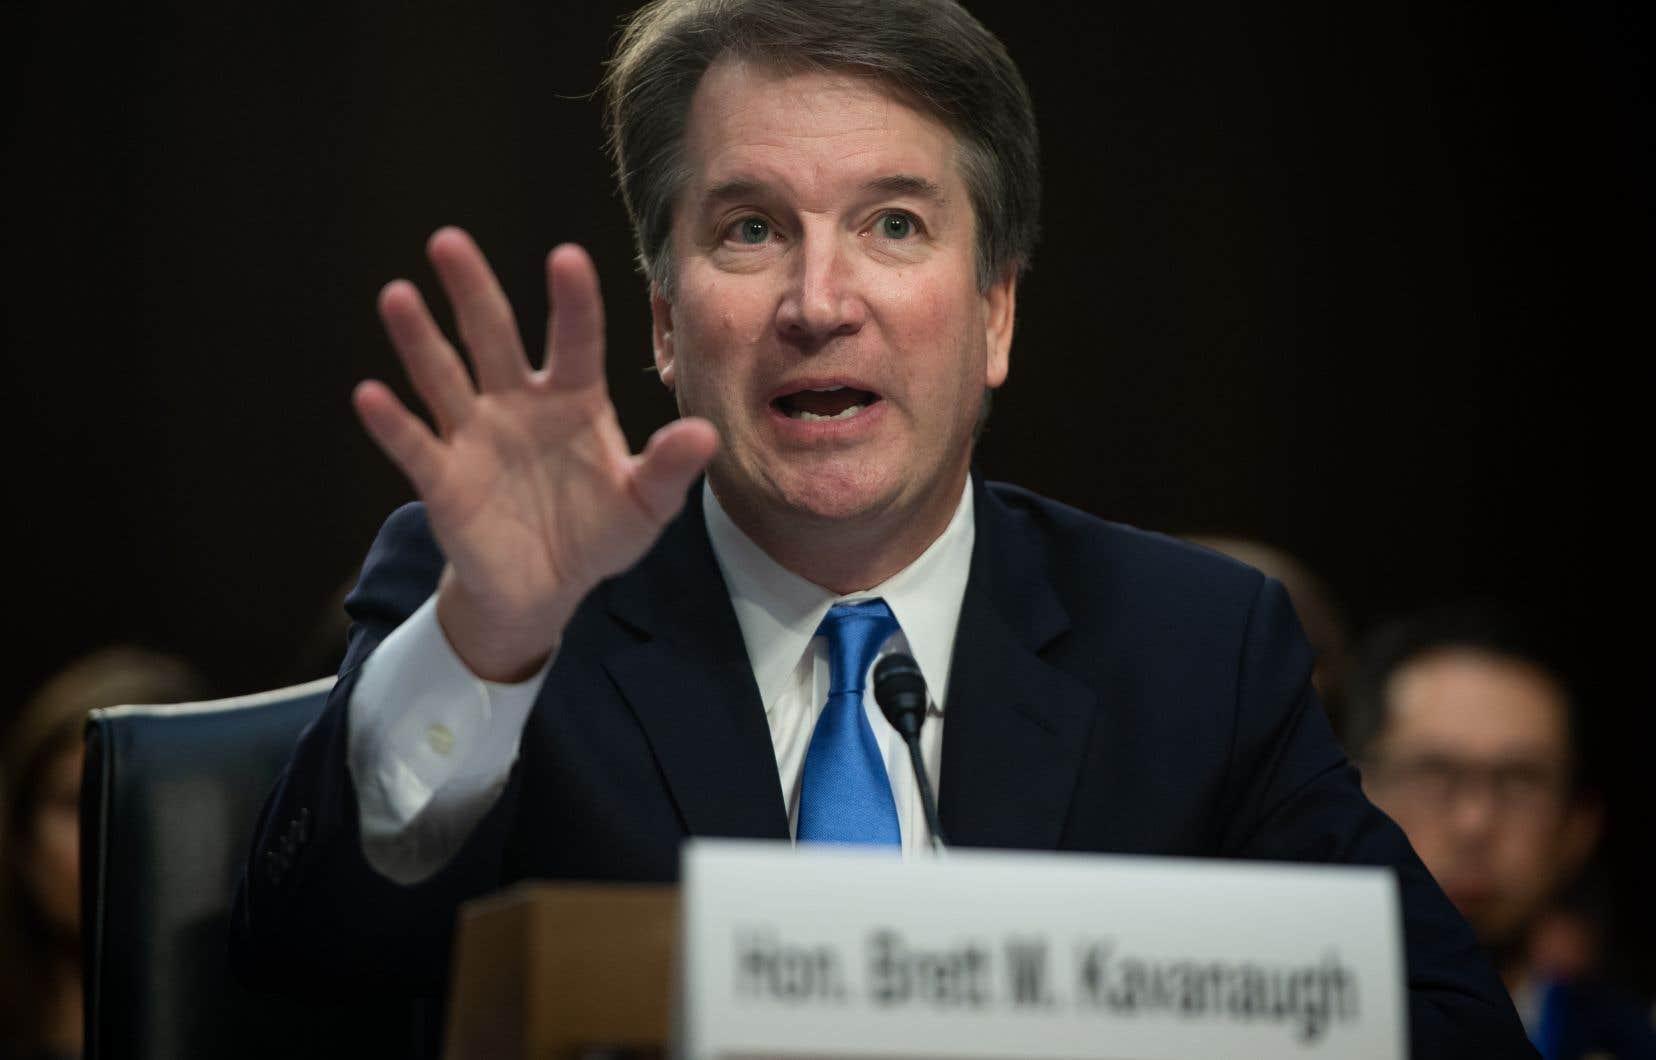 Le juge a affirmé à plusieurs reprises avoir toujours traité les femmes avec respect.